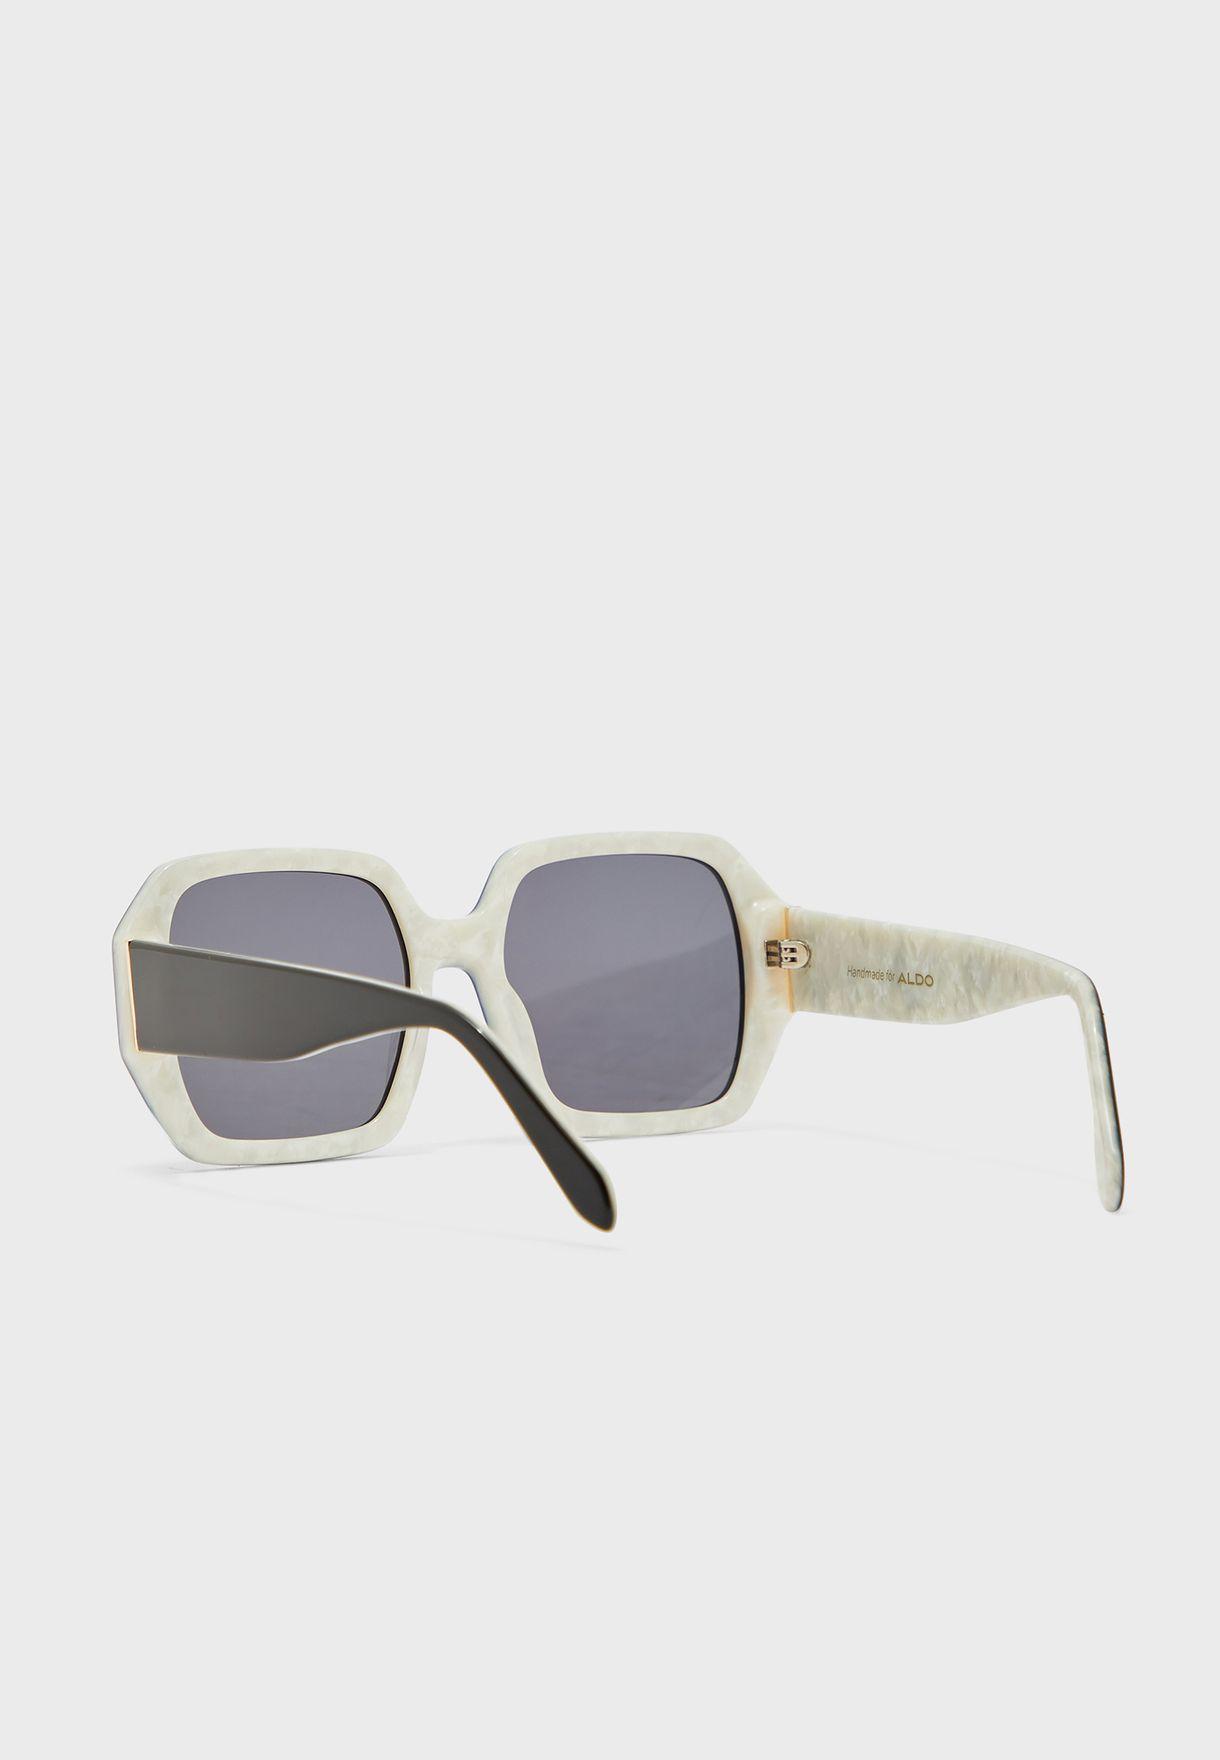 نظارة شمسية كبيرة بأذرع عريضة